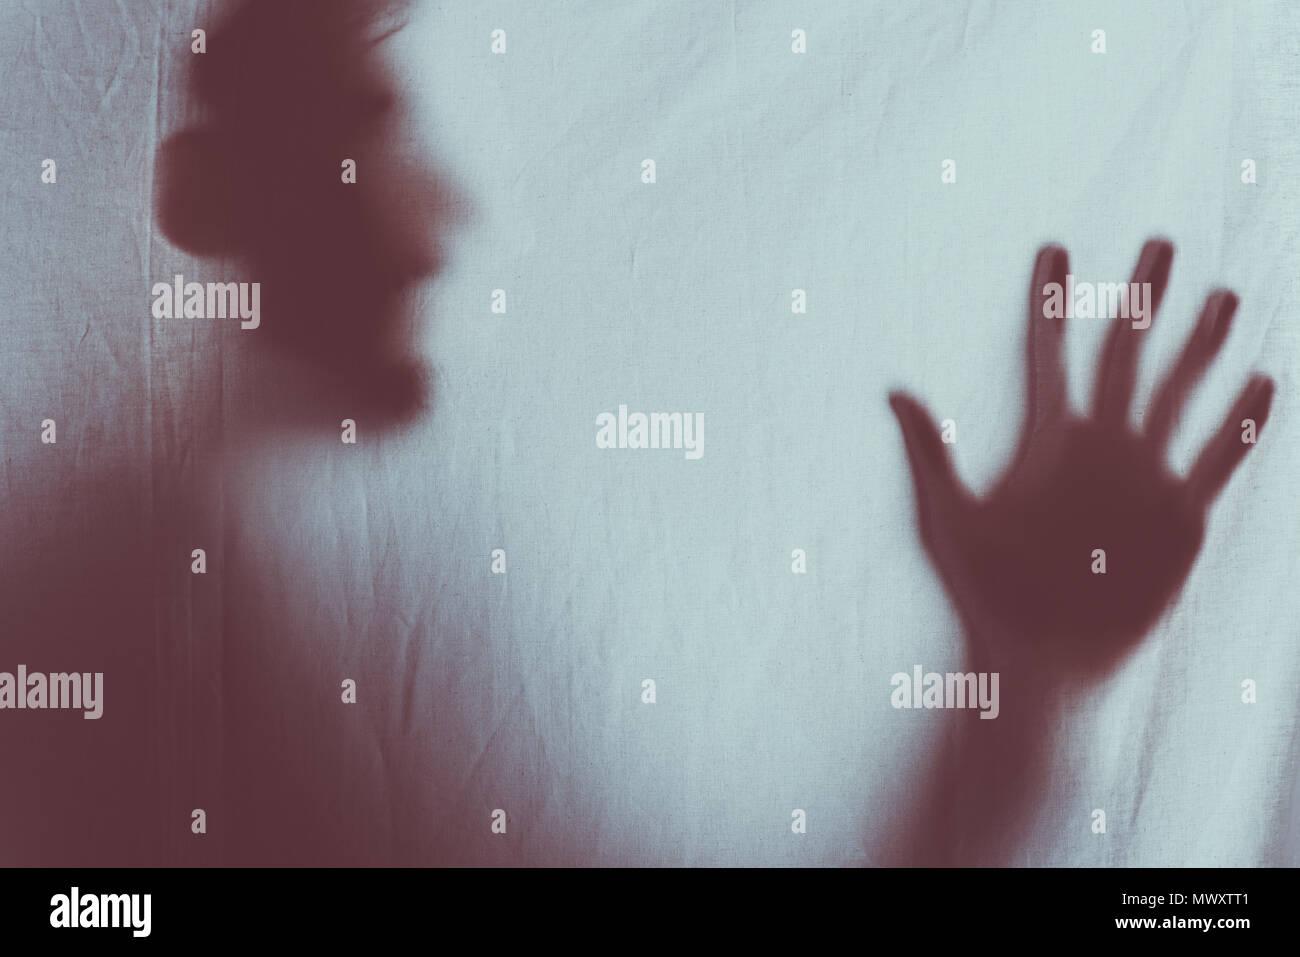 Beängstigend unscharfe Silhouette der unkenntlich Person hinter dem Schleier schreien Stockbild